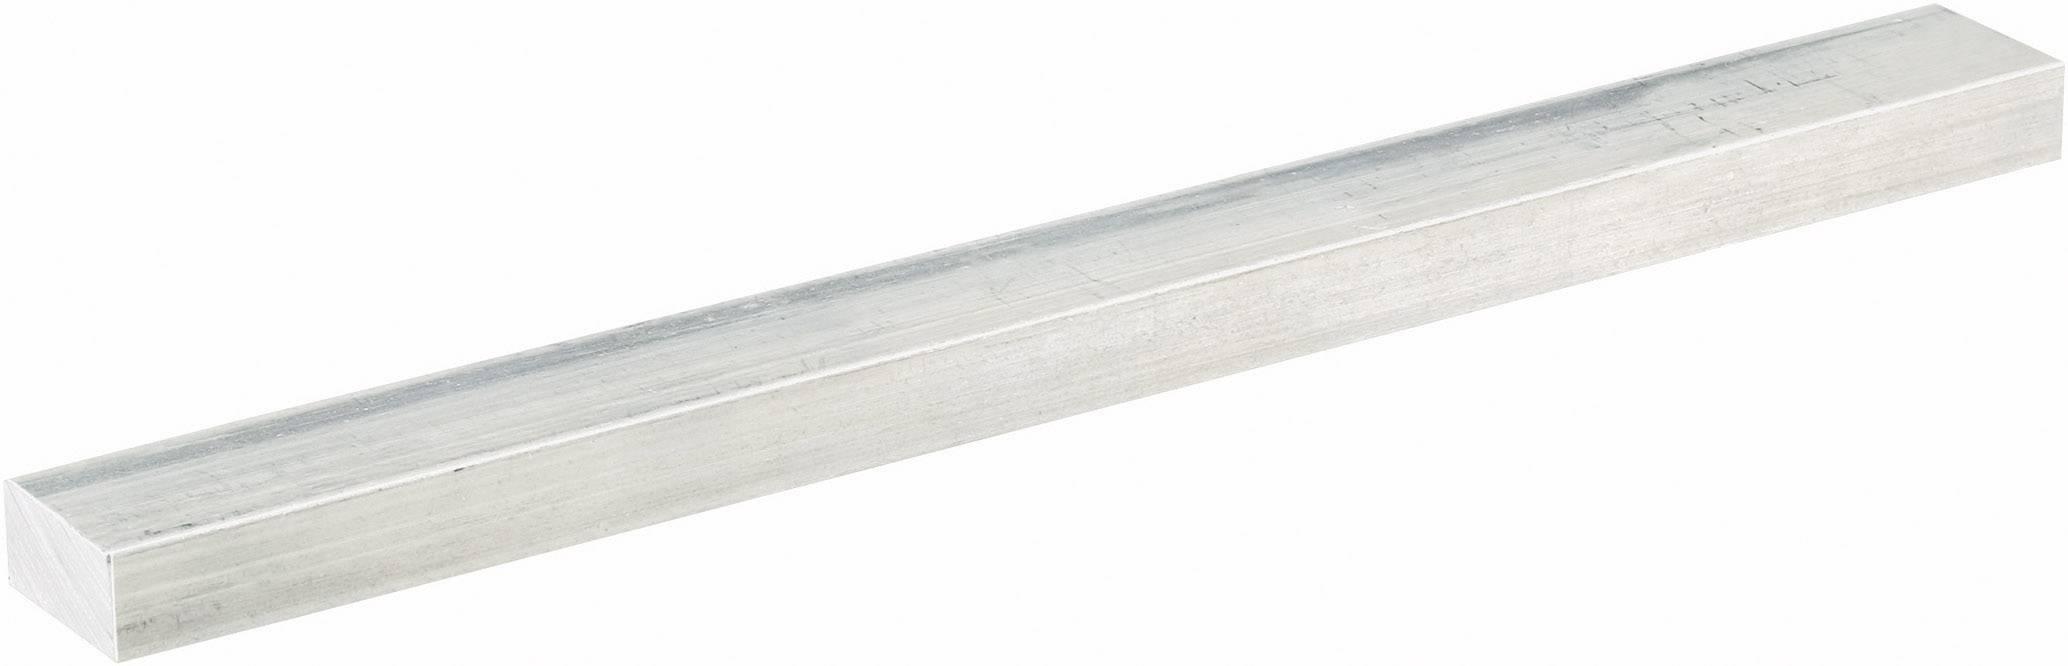 Profil, (d x š x v) 200 x 20 x 10 mm, hliník